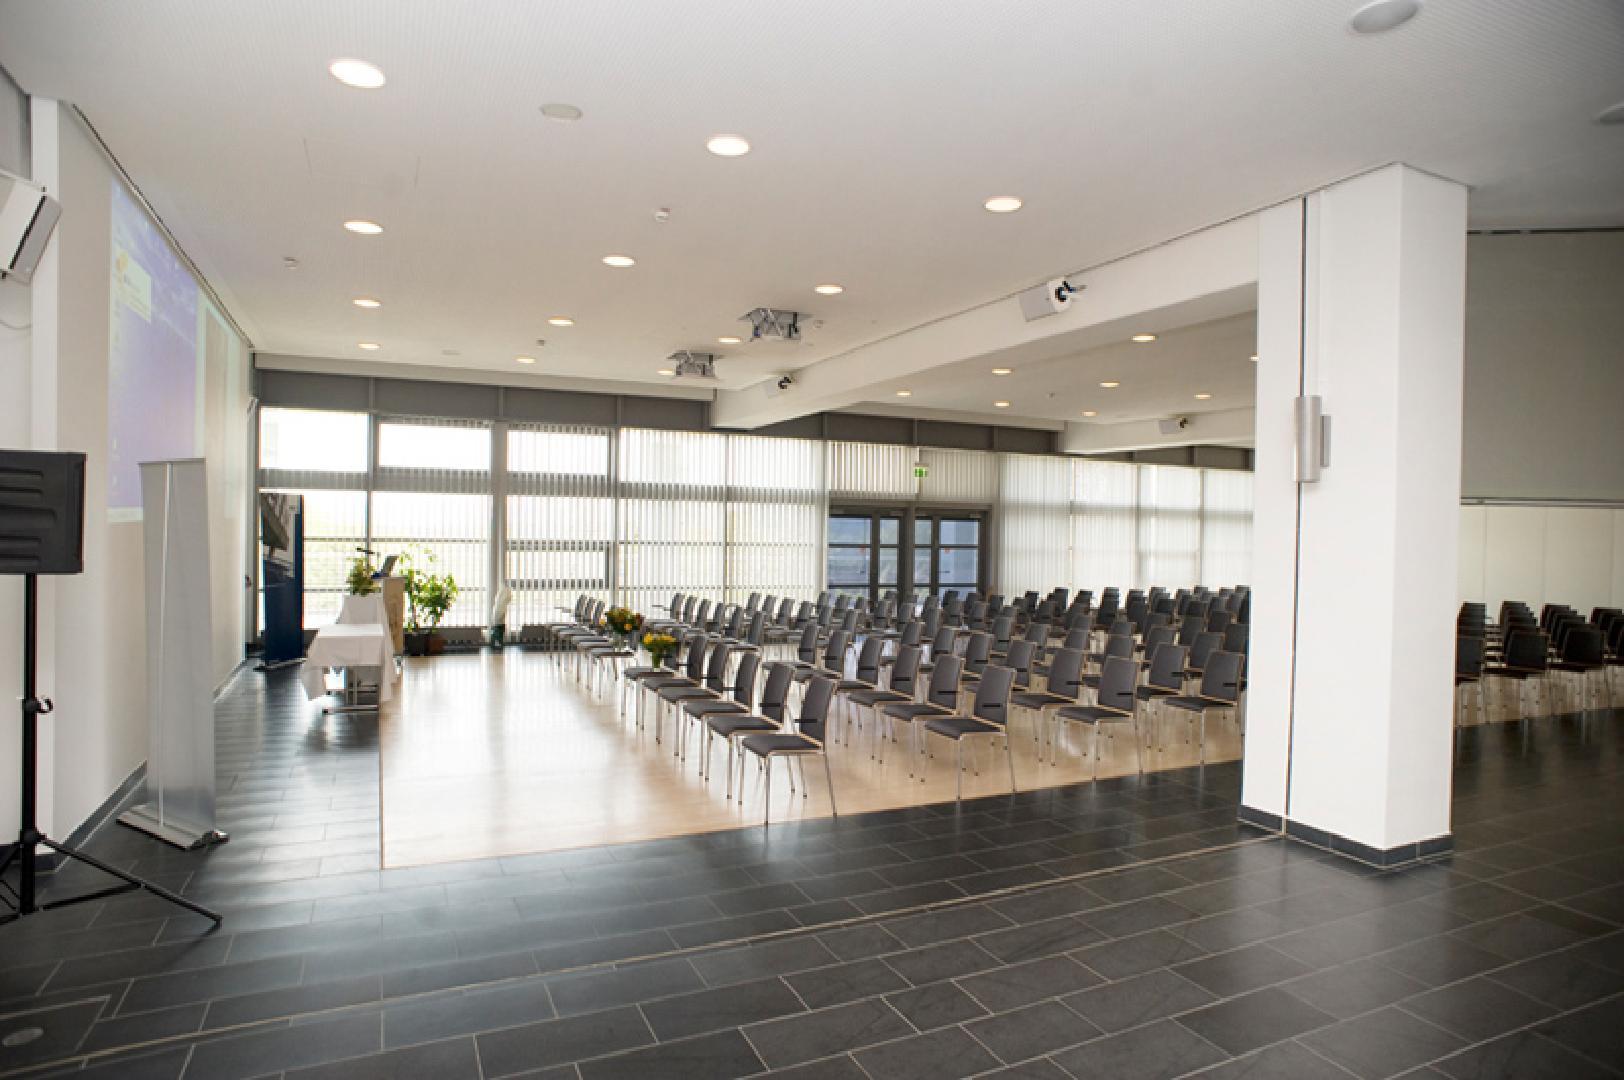 Bild 3 von UNIversaal - Multifunktionshalle in Bochum